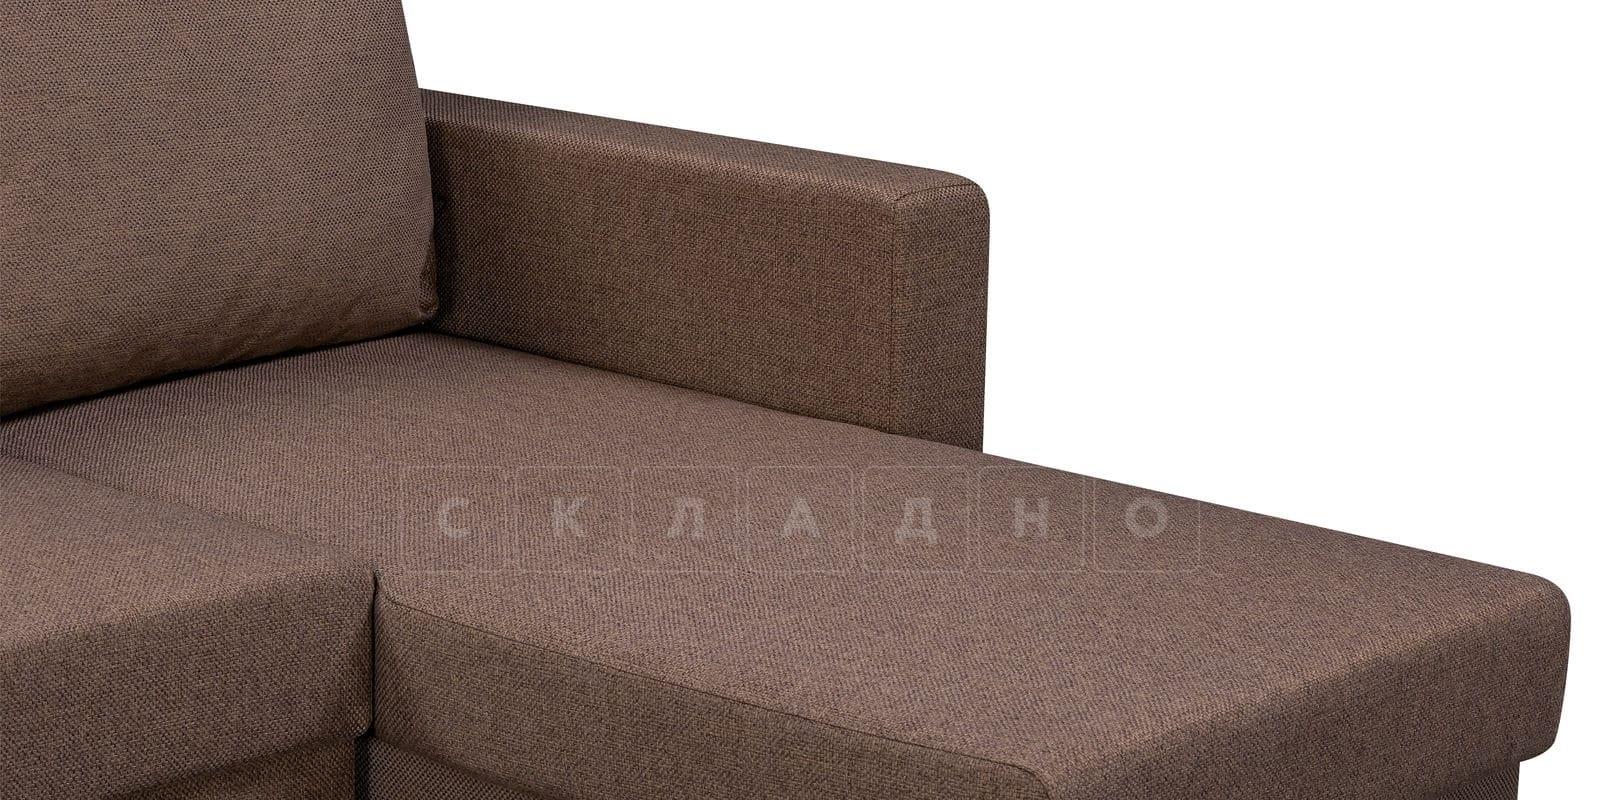 Угловой диван Турин коричневый фото 6 | интернет-магазин Складно